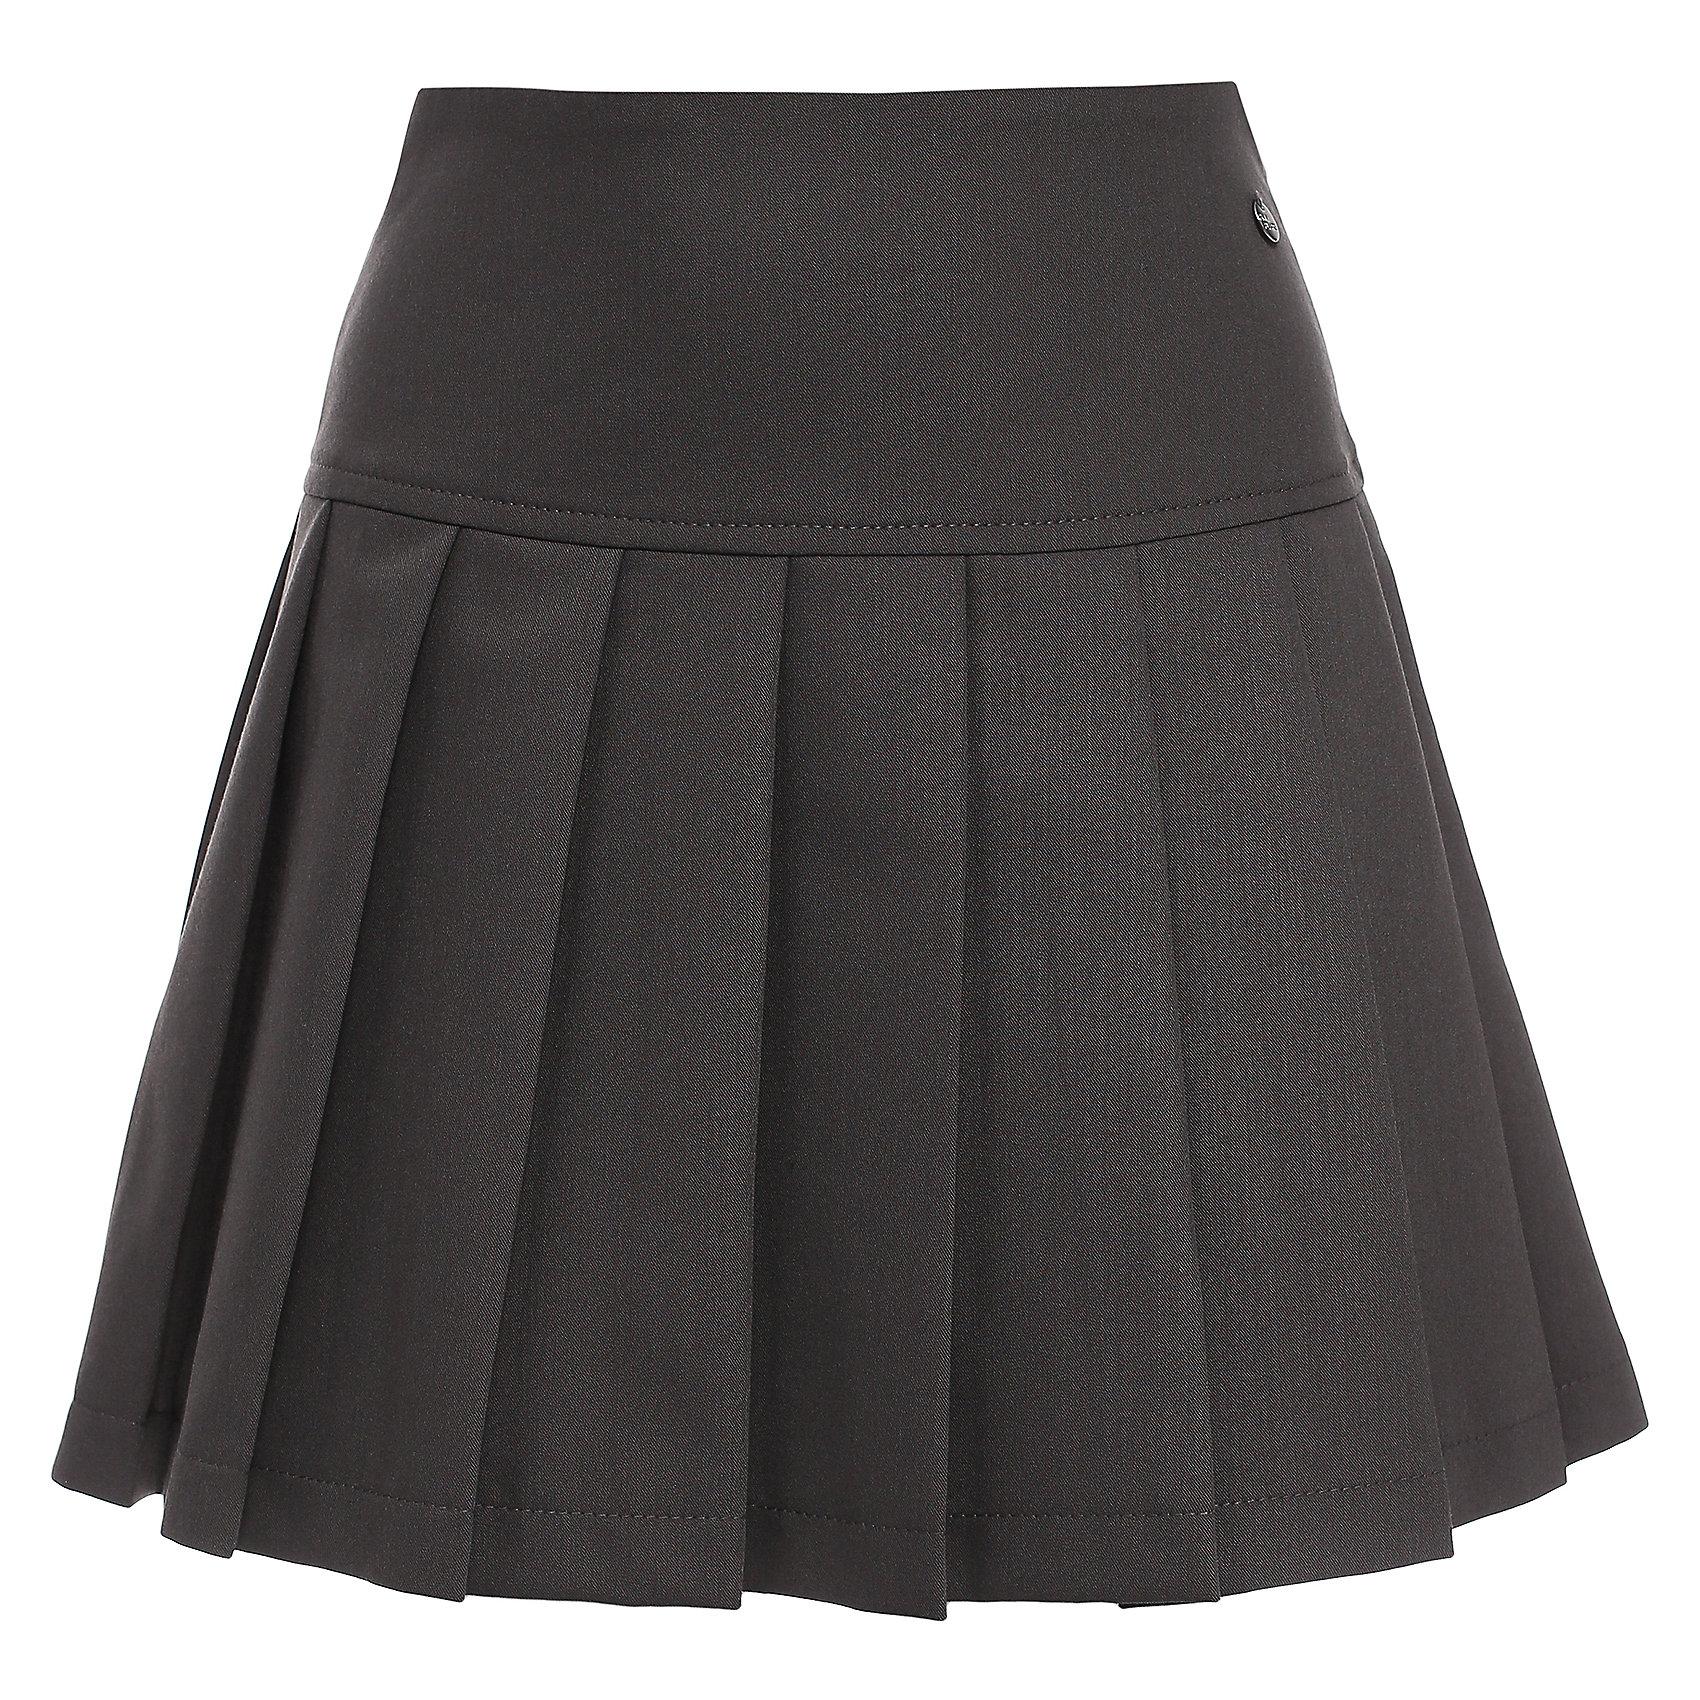 Юбка для девочки Finn FlareЮбки<br>Юбка известной марки Finn Flare.<br><br>Школьная юбка со складками по всей окружности предназначена для повседневной носки, сочетается как с блузами и пиджаками, так и с джемперами. Юбка имеет широкий пояс, боковую молнию, украшена маленькой декоративной пуговицей. <br><br>Фактура материала: Текстильный<br>Вид застежки: Молния<br>Тип карманов: Без карманов<br><br>Состав: 65% полиэстер, 33% вискоза, 2% эластан<br>Подкладка: 100% полиэстер<br><br>Юбку для девочки Finn Flare можно купить в нашем интернет-магазине.<br><br>Ширина мм: 207<br>Глубина мм: 10<br>Высота мм: 189<br>Вес г: 183<br>Цвет: серый<br>Возраст от месяцев: 108<br>Возраст до месяцев: 120<br>Пол: Женский<br>Возраст: Детский<br>Размер: 140,158,116,122,128,134,146,152<br>SKU: 4890149